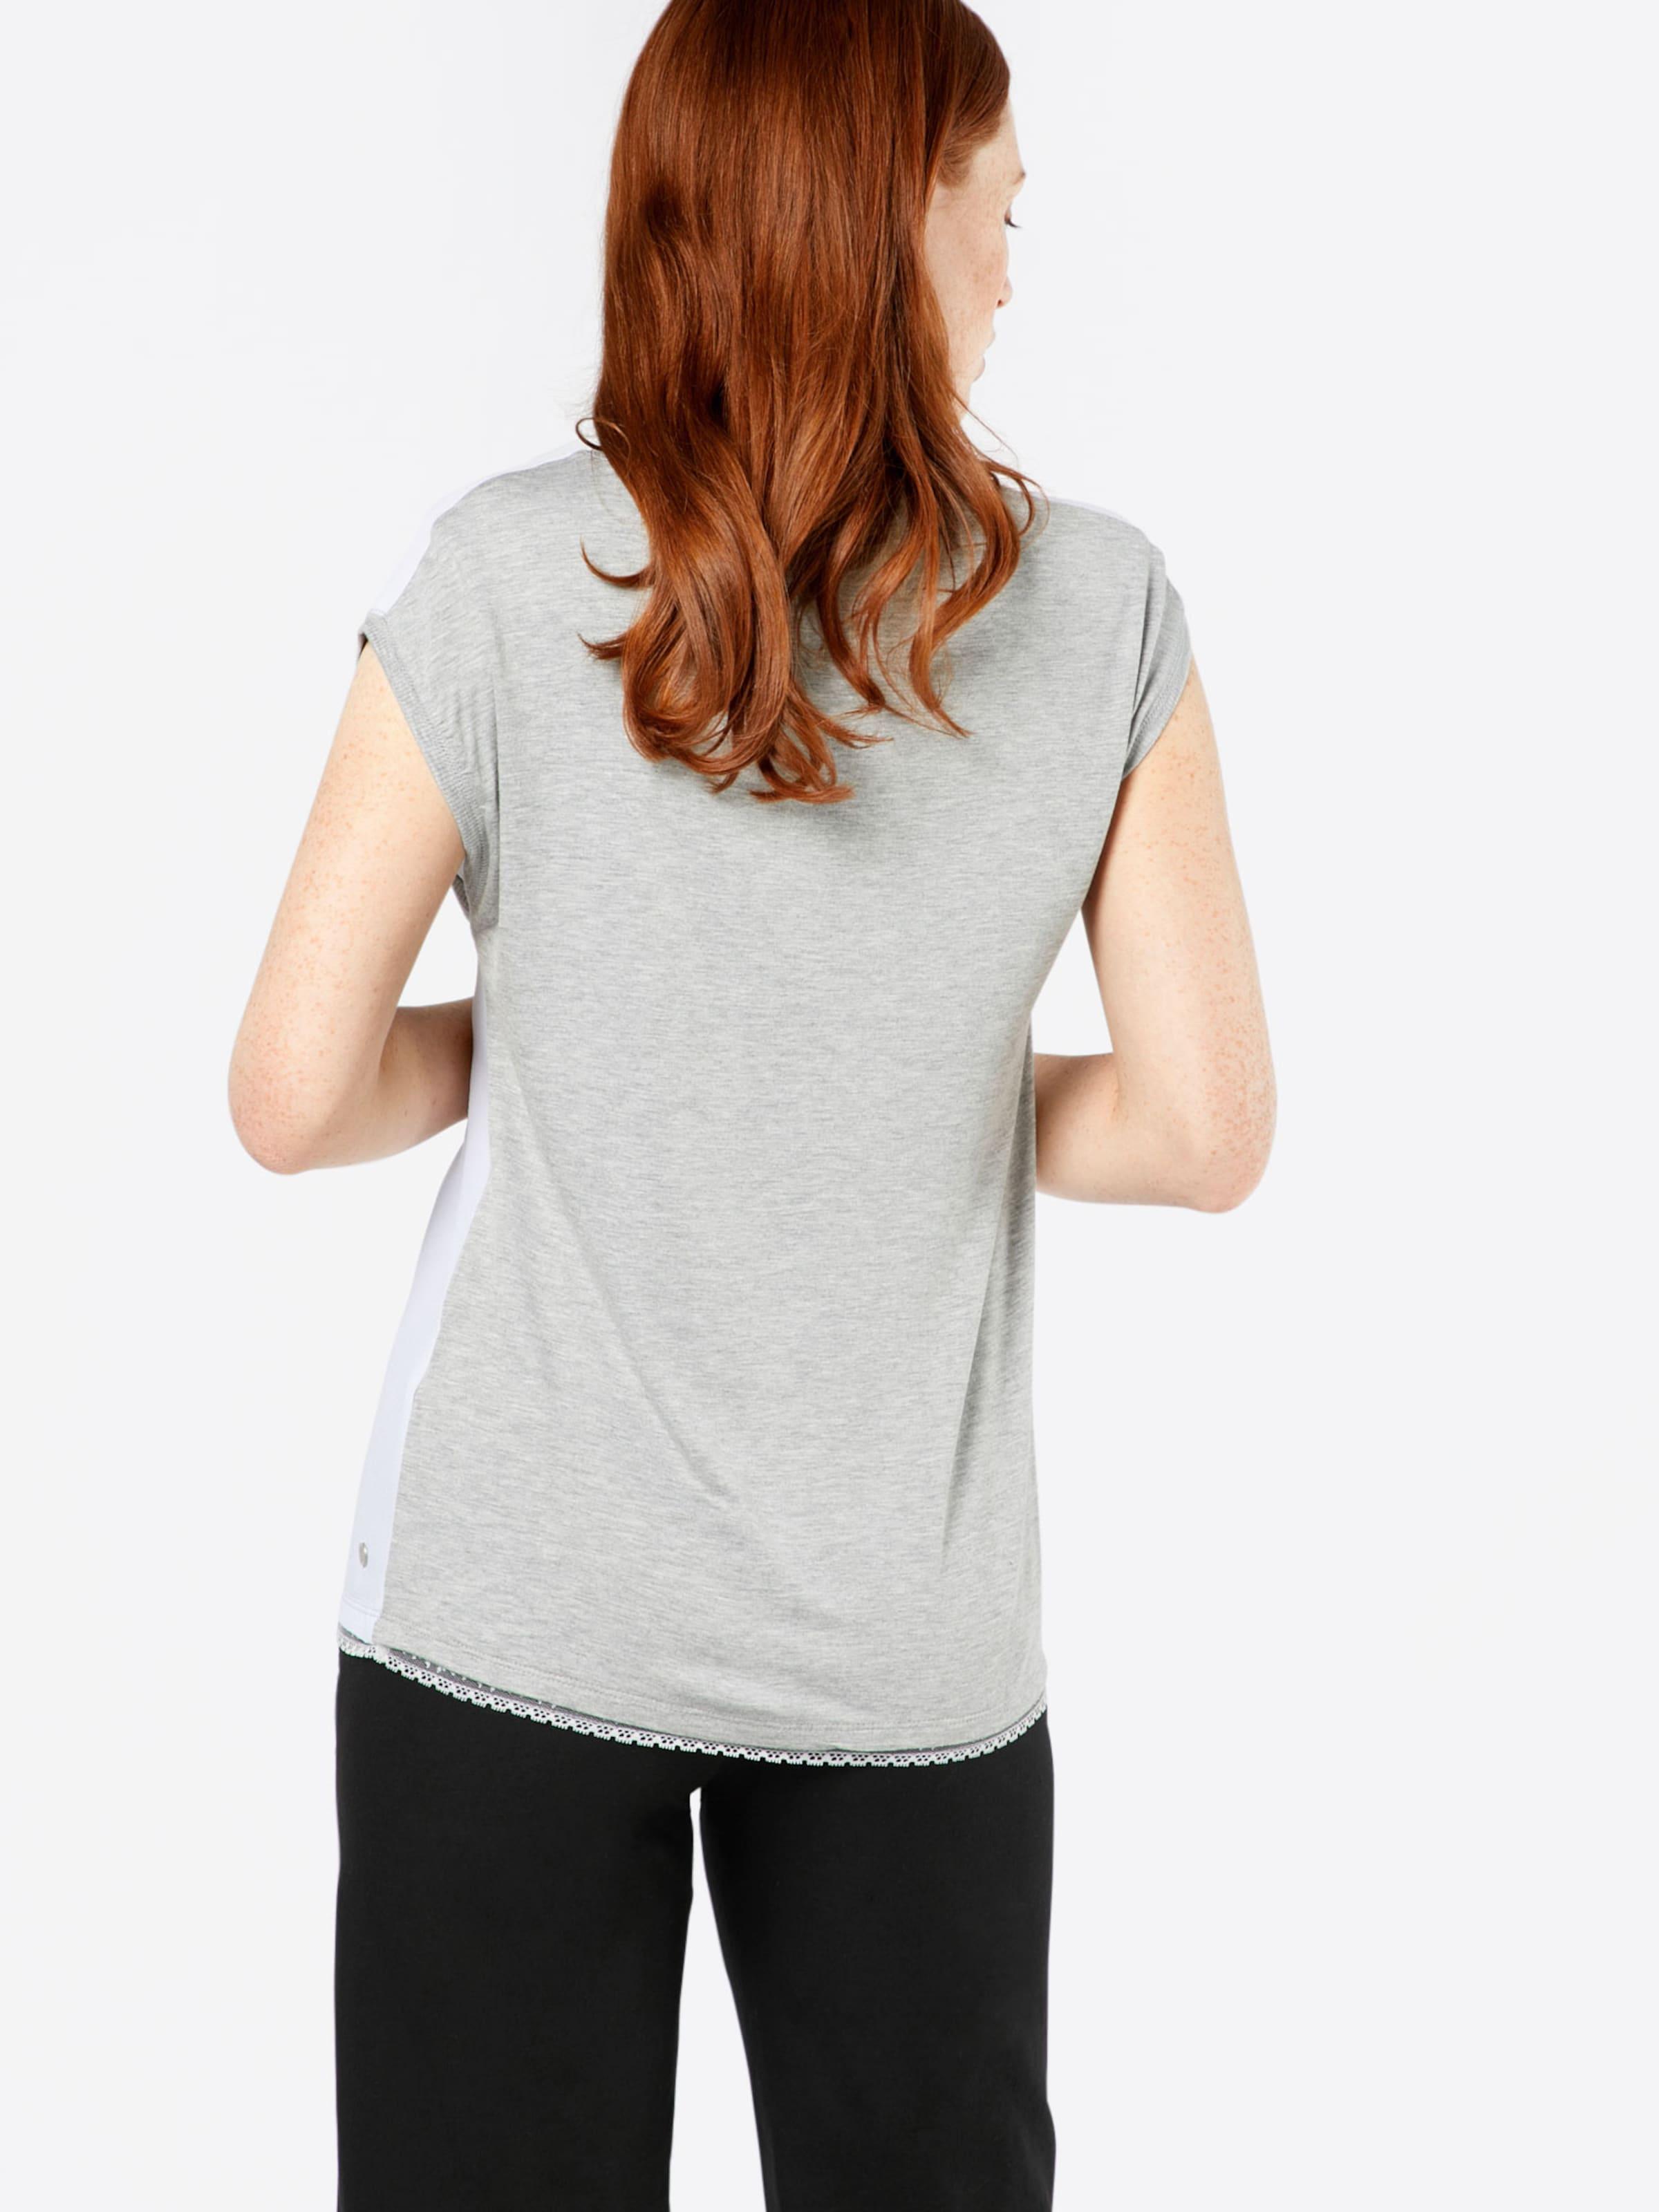 Countdown-Paket Zum Verkauf Soyaconcept T-Shirt 'SUE' Outlet Große Überraschung Manchester Großer Verkauf Günstiger Preis Cool 9UnGA